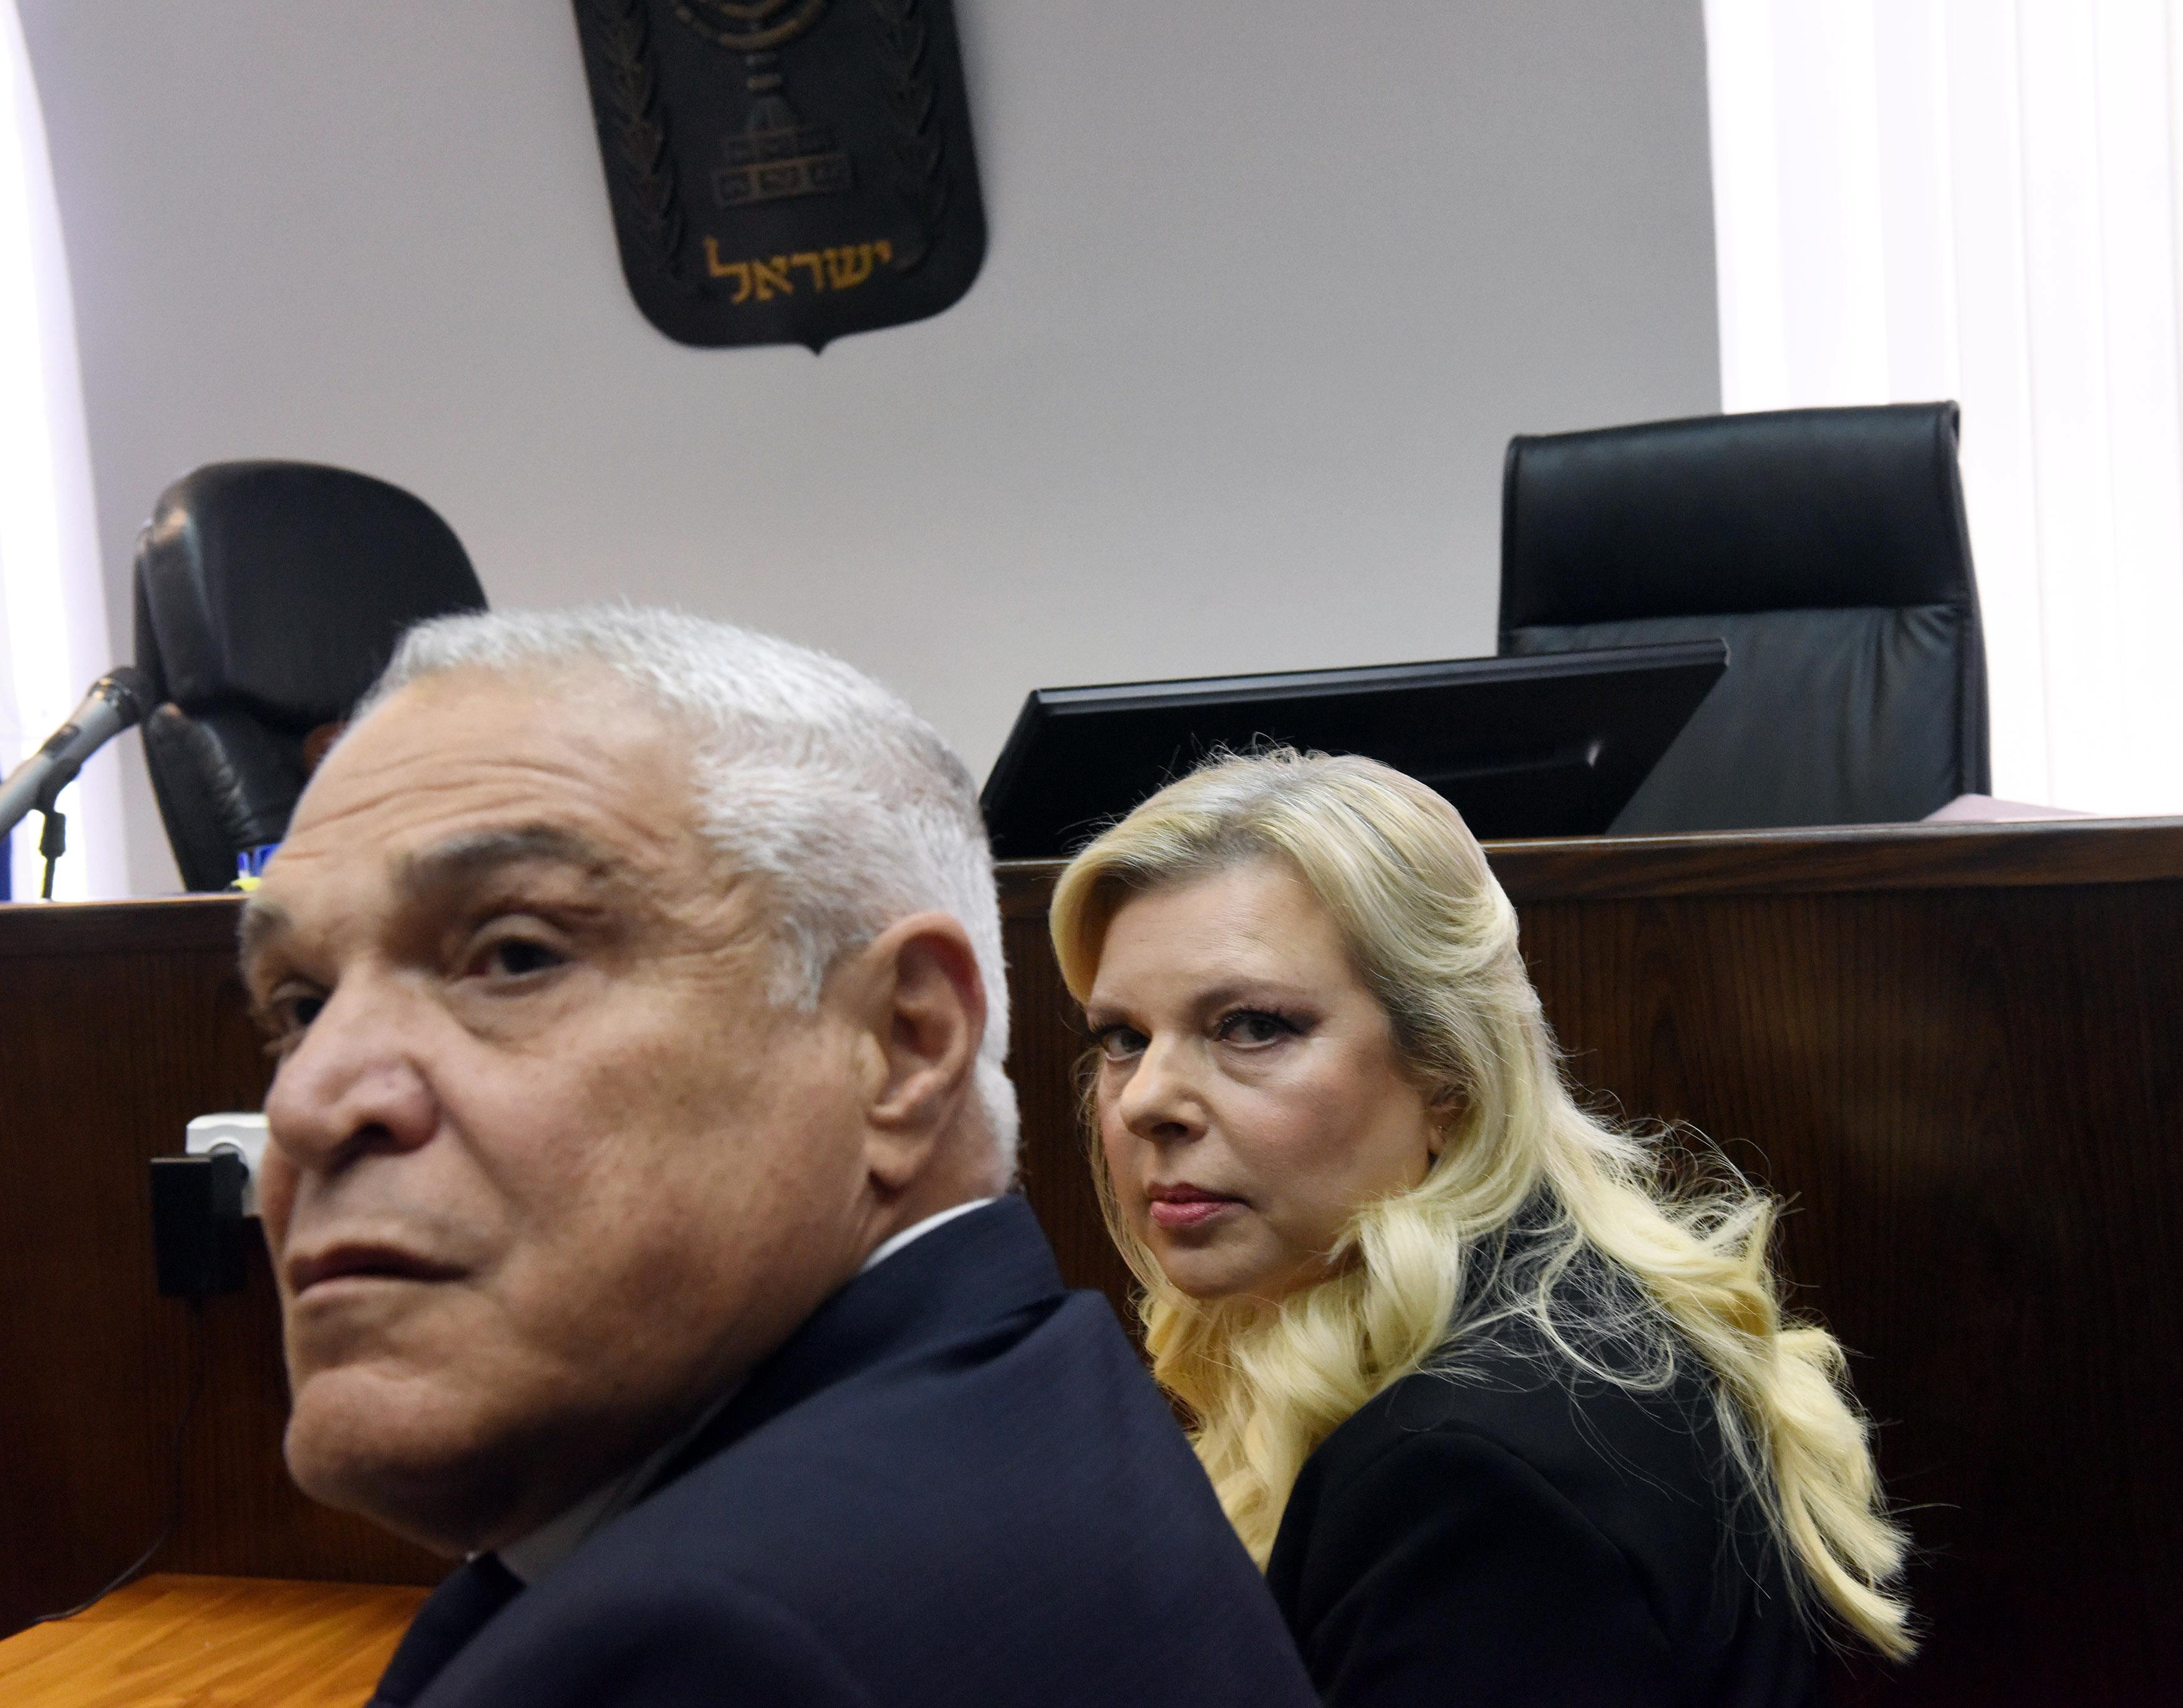 سارة نتنياهو فى قاعة المحاكمة